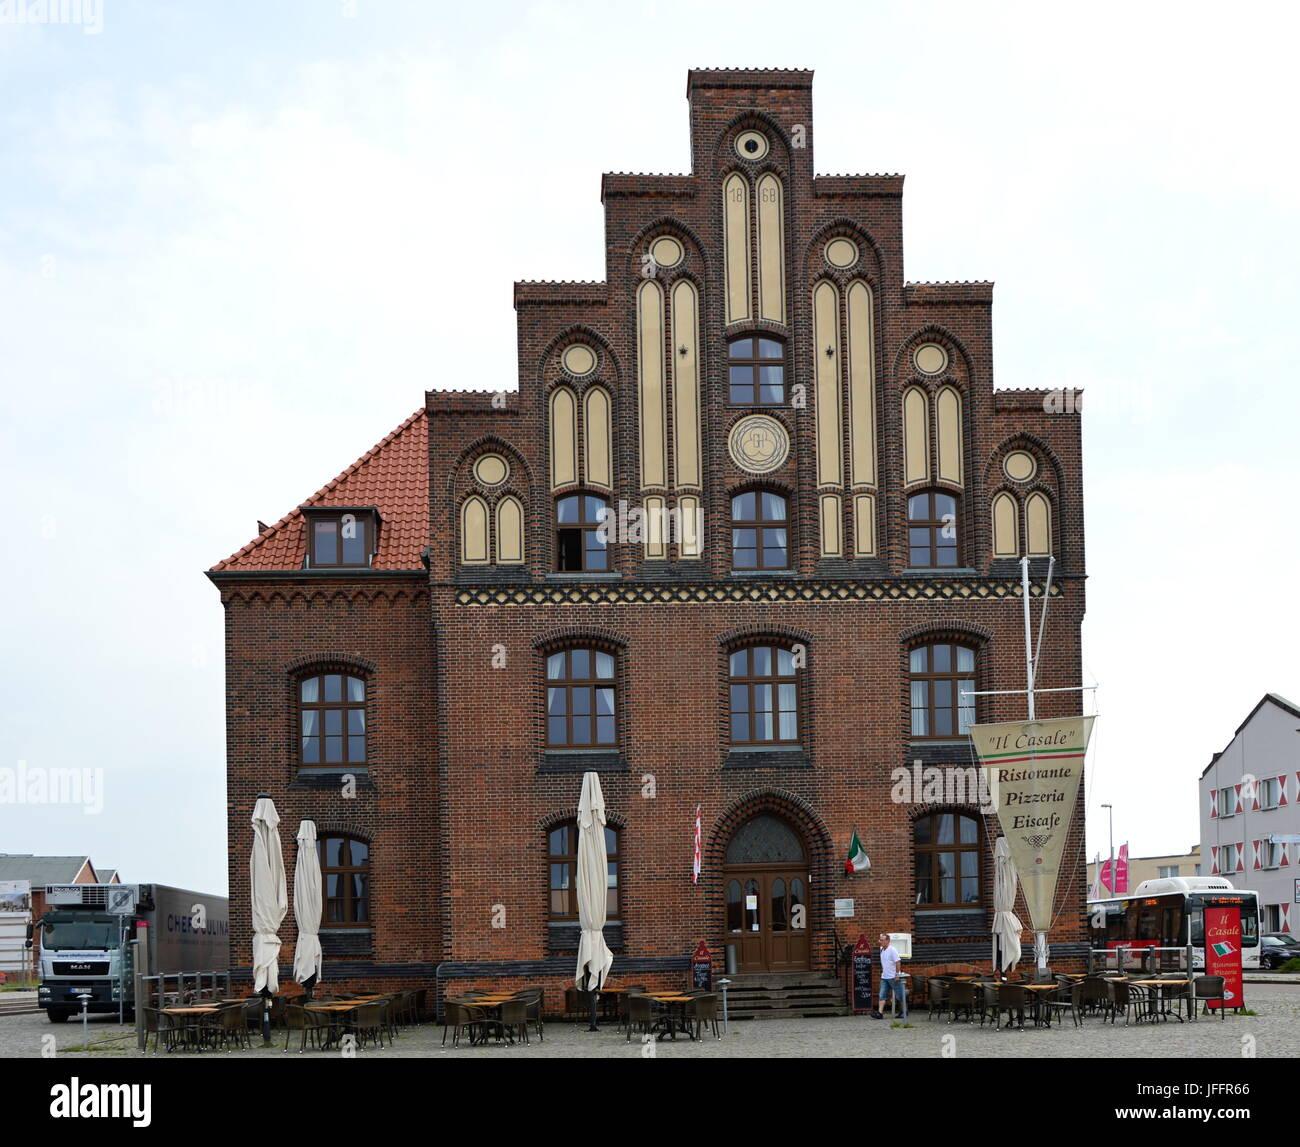 Wismar, Mecklenburg - Vorpommern, Germany - Stock Image